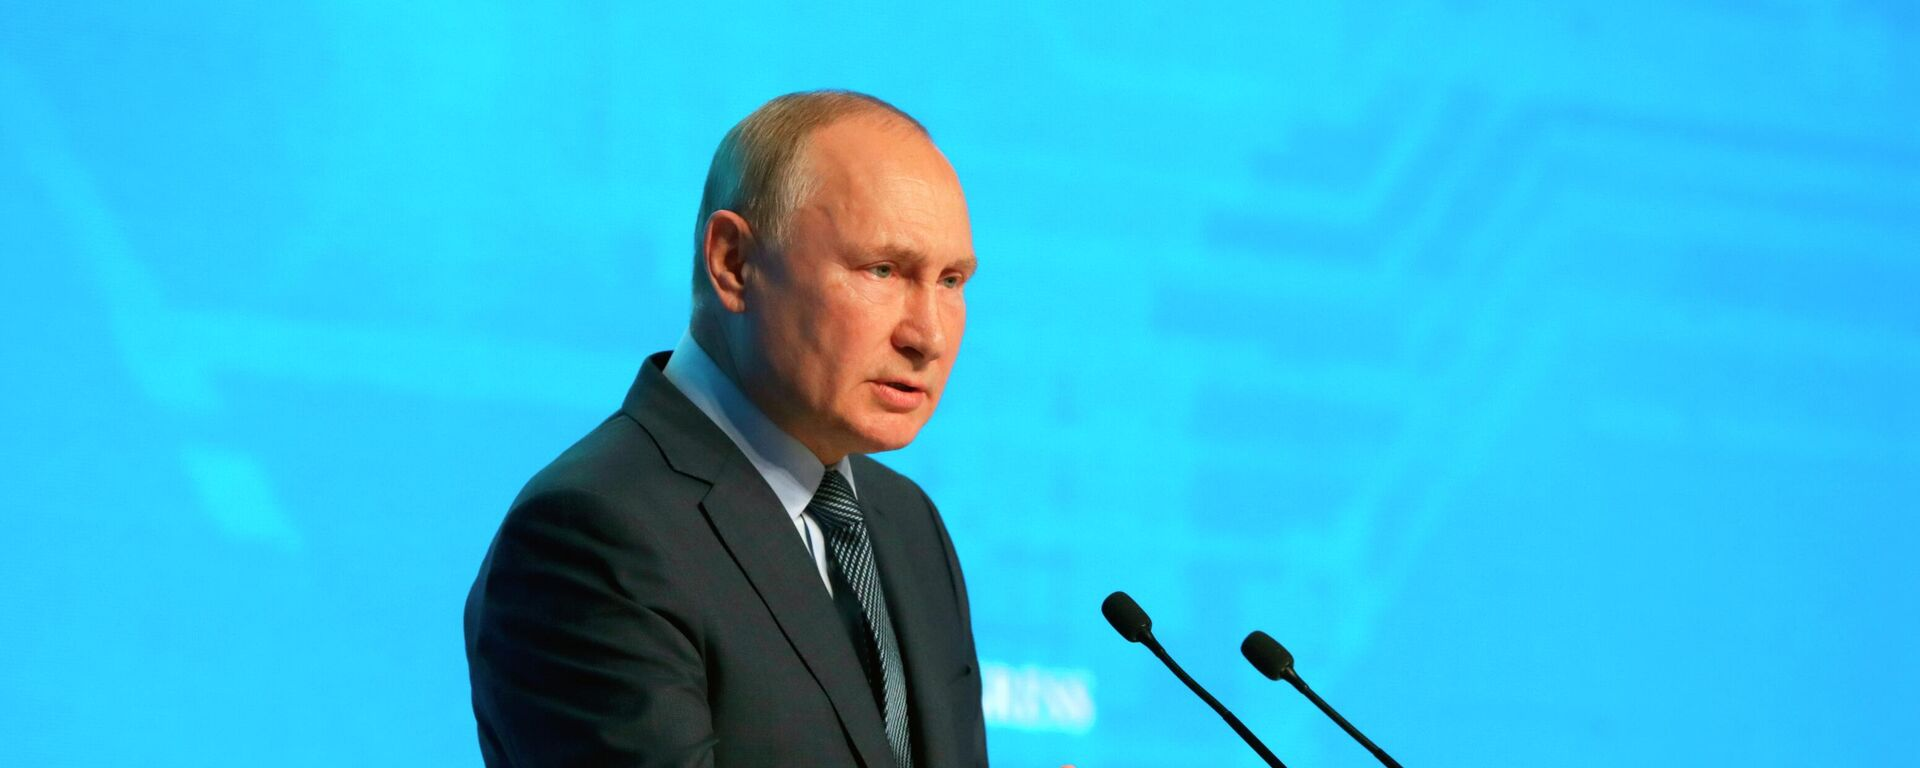 Tổng thống Nga V.Putin tham gia phiên họp toàn thể của  diễn đàn «Tuần lễ Năng lượng Nga». - Sputnik Việt Nam, 1920, 13.10.2021